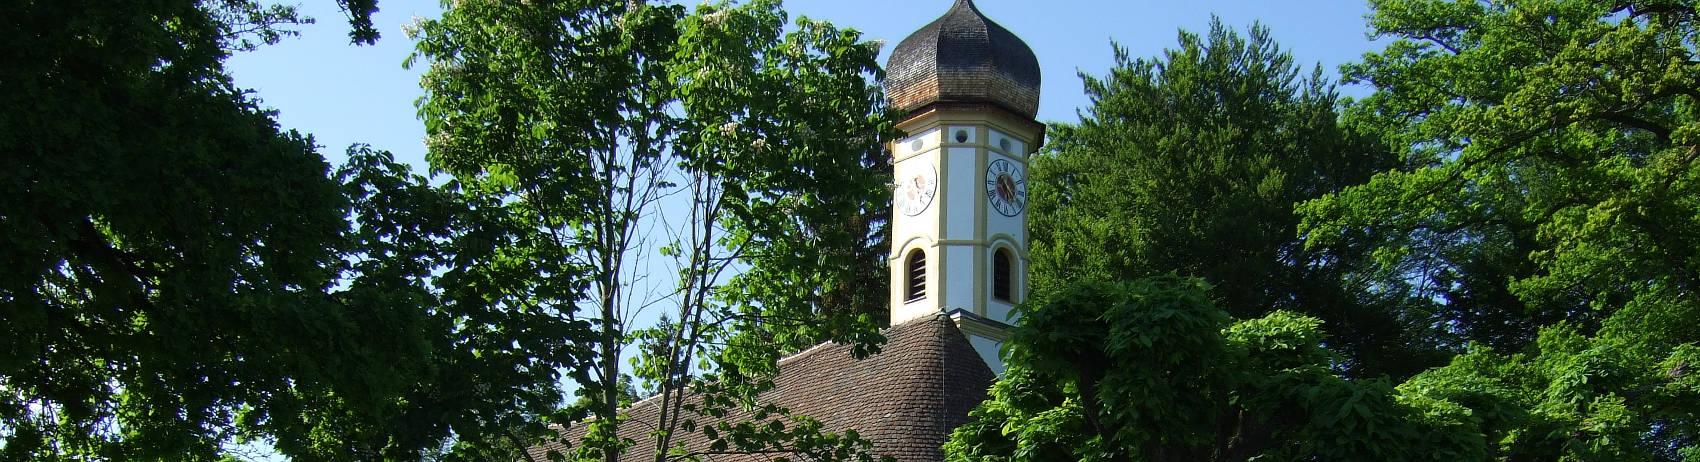 Ferienwohnungen / Apartments / Ferienhaus in Tutzing